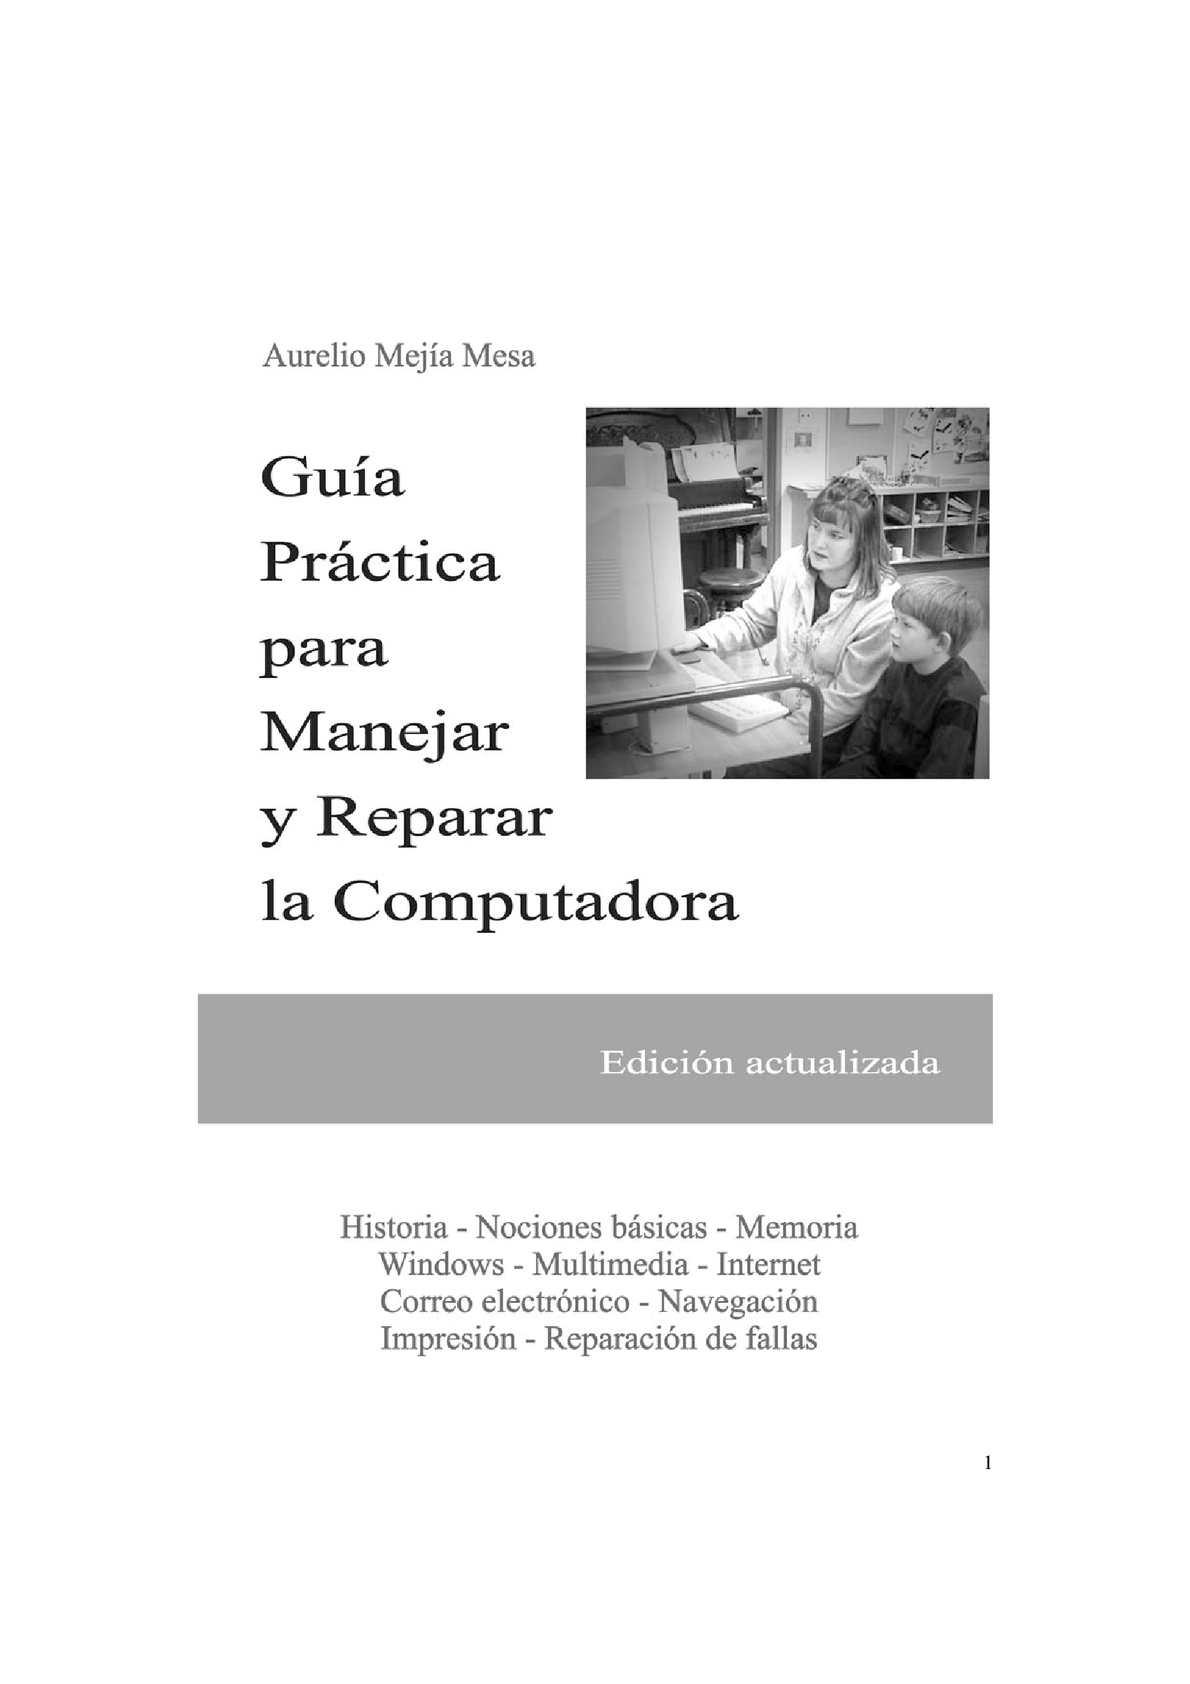 Calaméo - GUIA PRACTICA PARA MANEJAR Y REPARAR LA COMPUTADORA